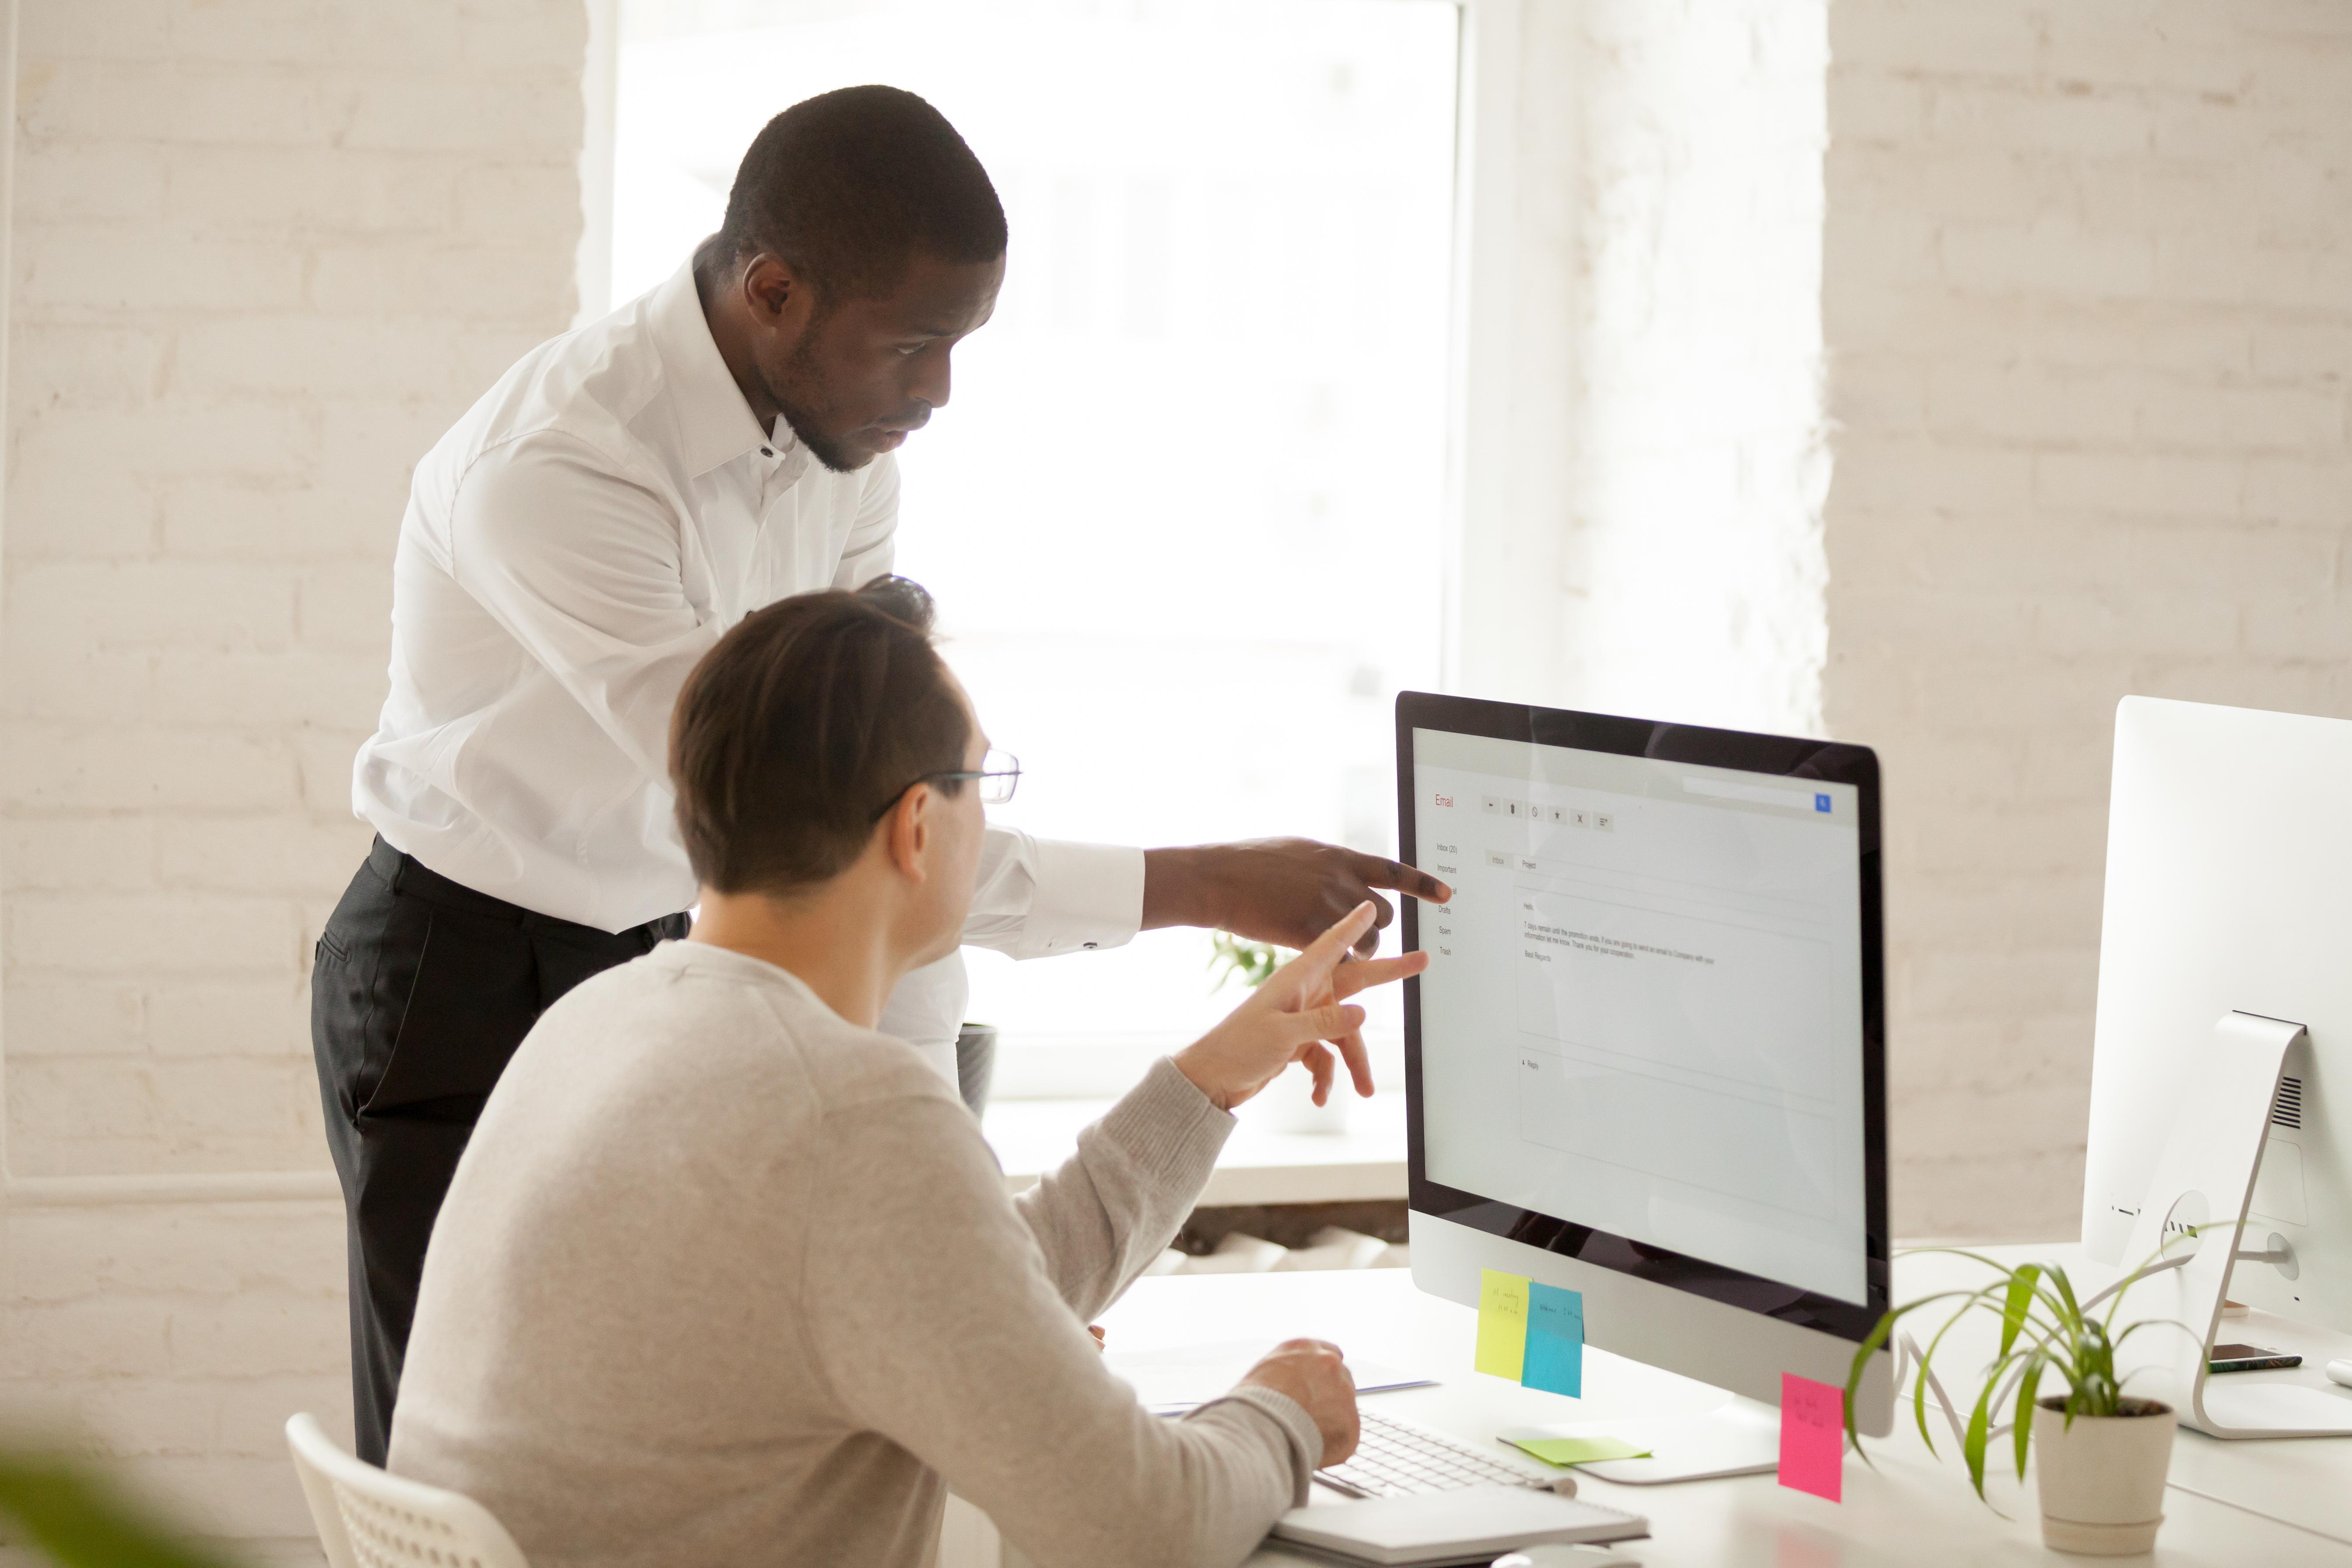 التدرب في الشركات تجربة مختلفة حسب تشاتورفيدي